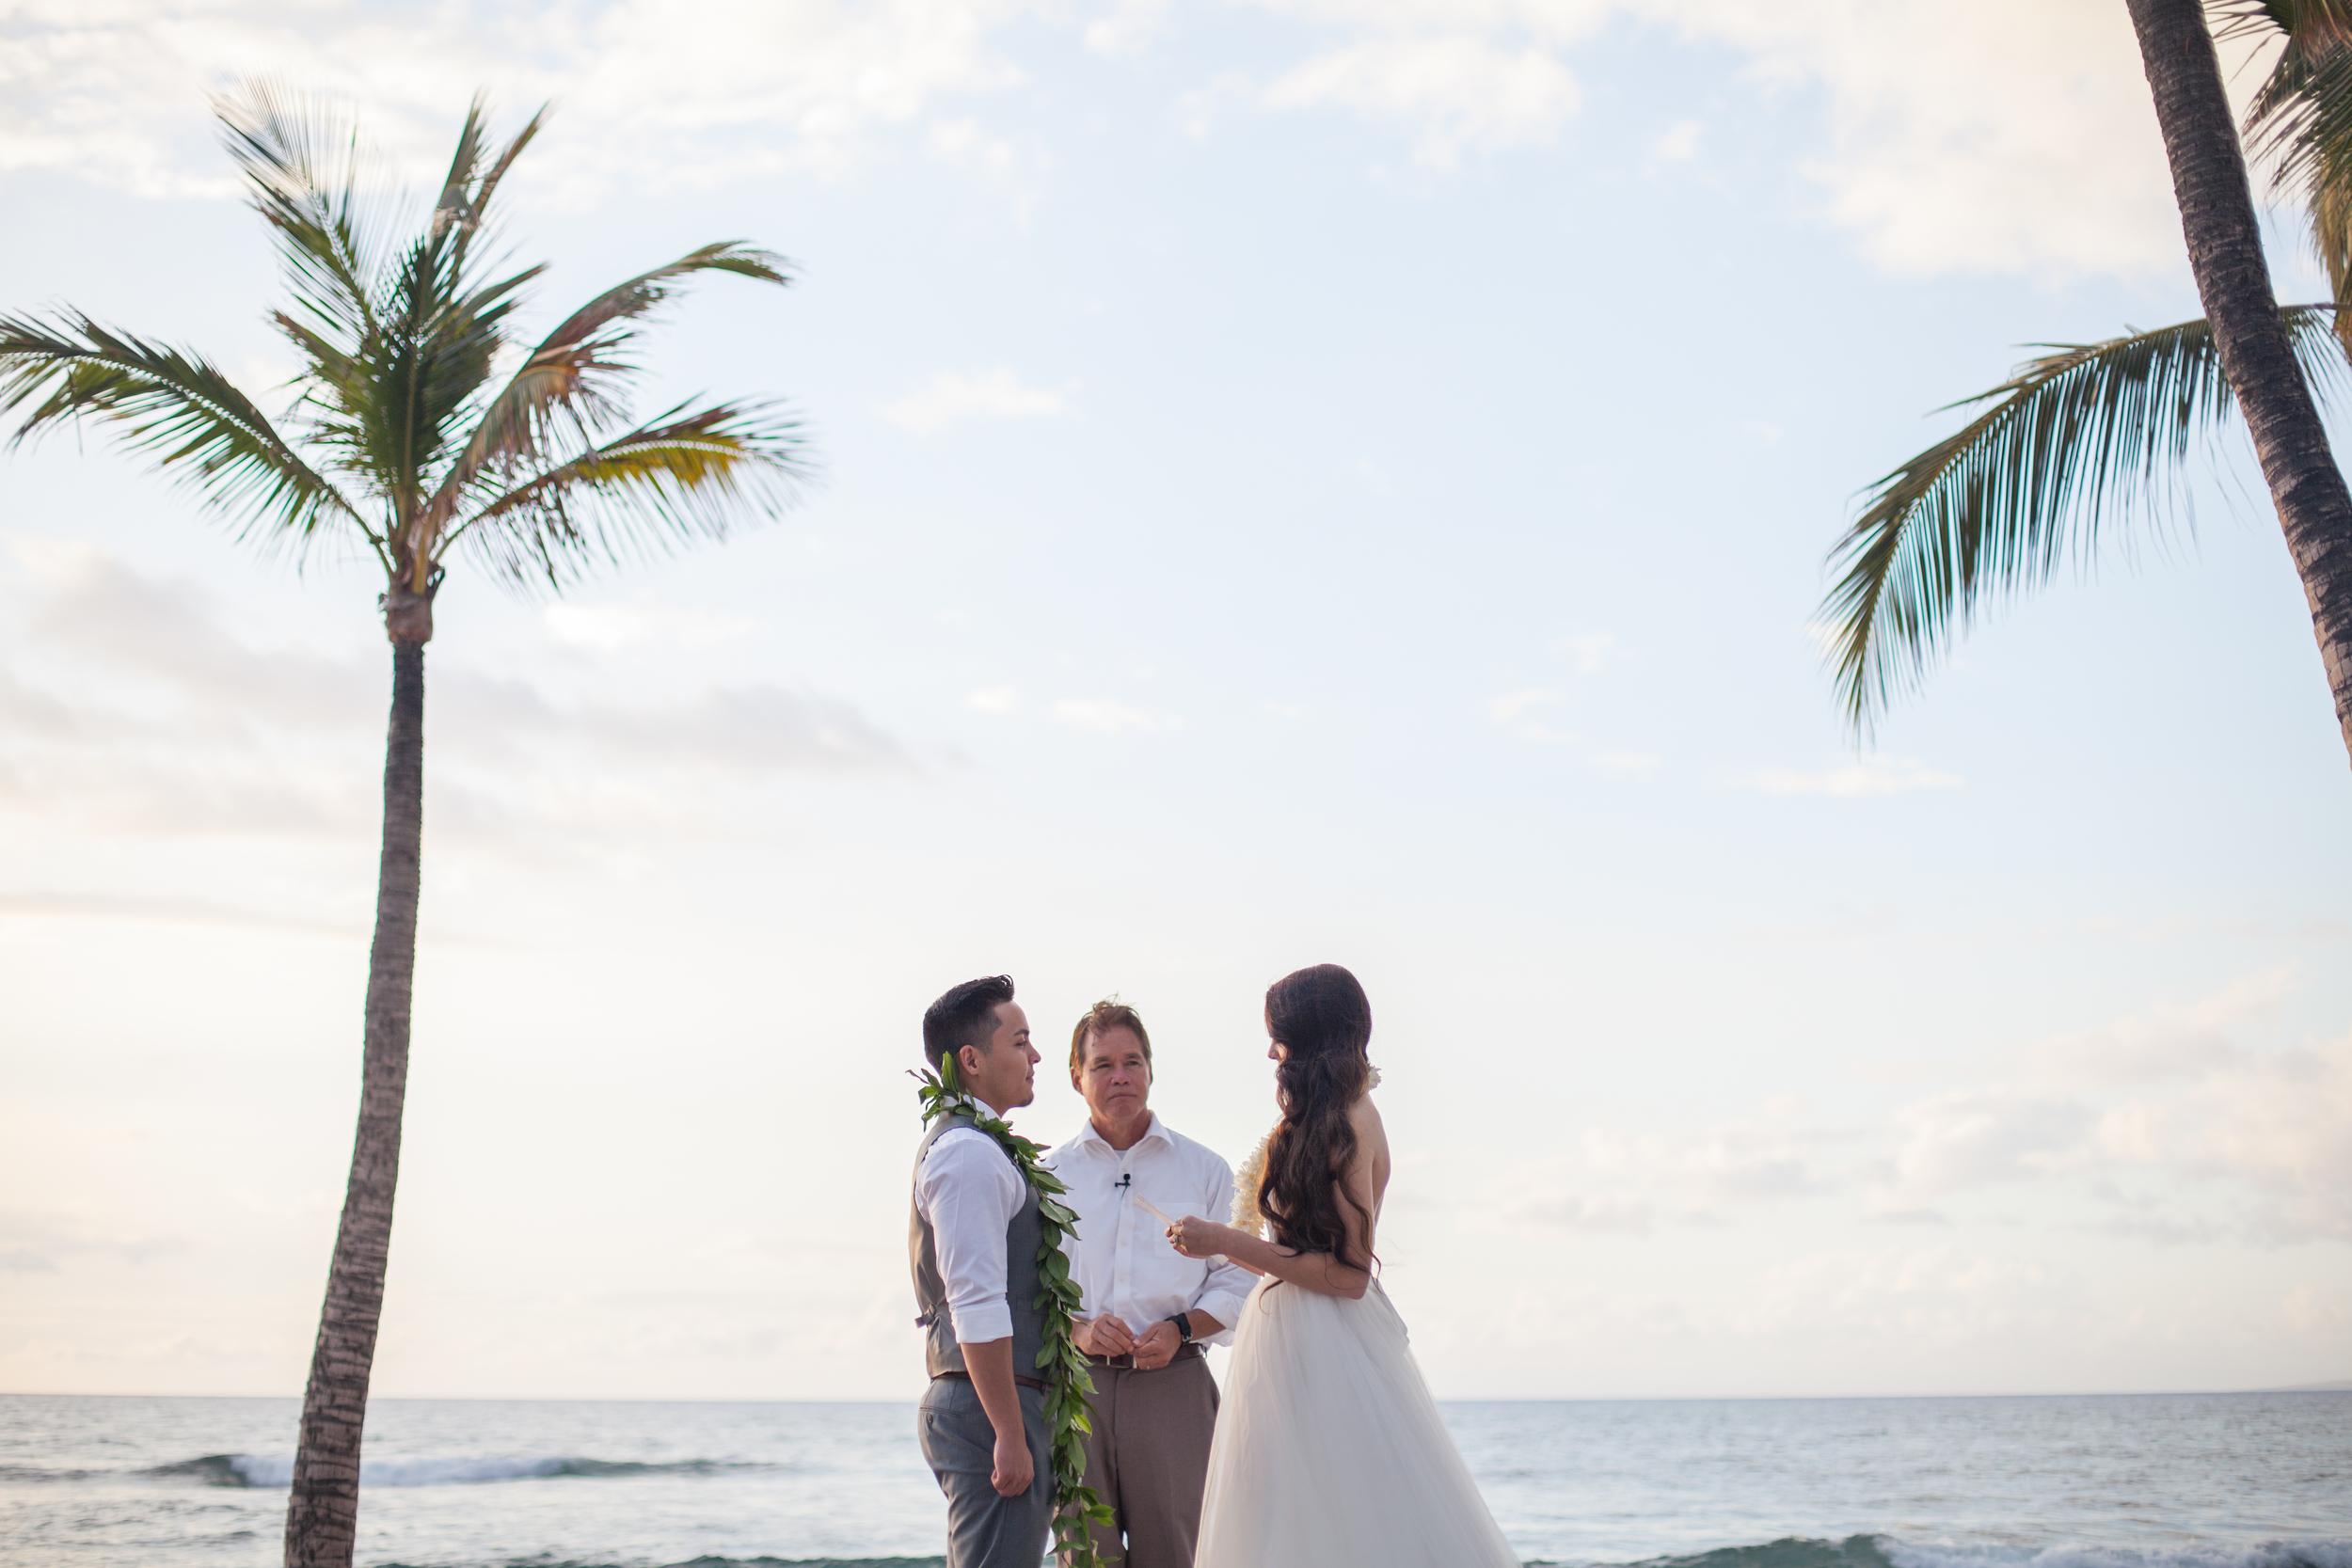 big island hawaii mauna lani resort wedding © kelilina photography 20160523183327-1.jpg